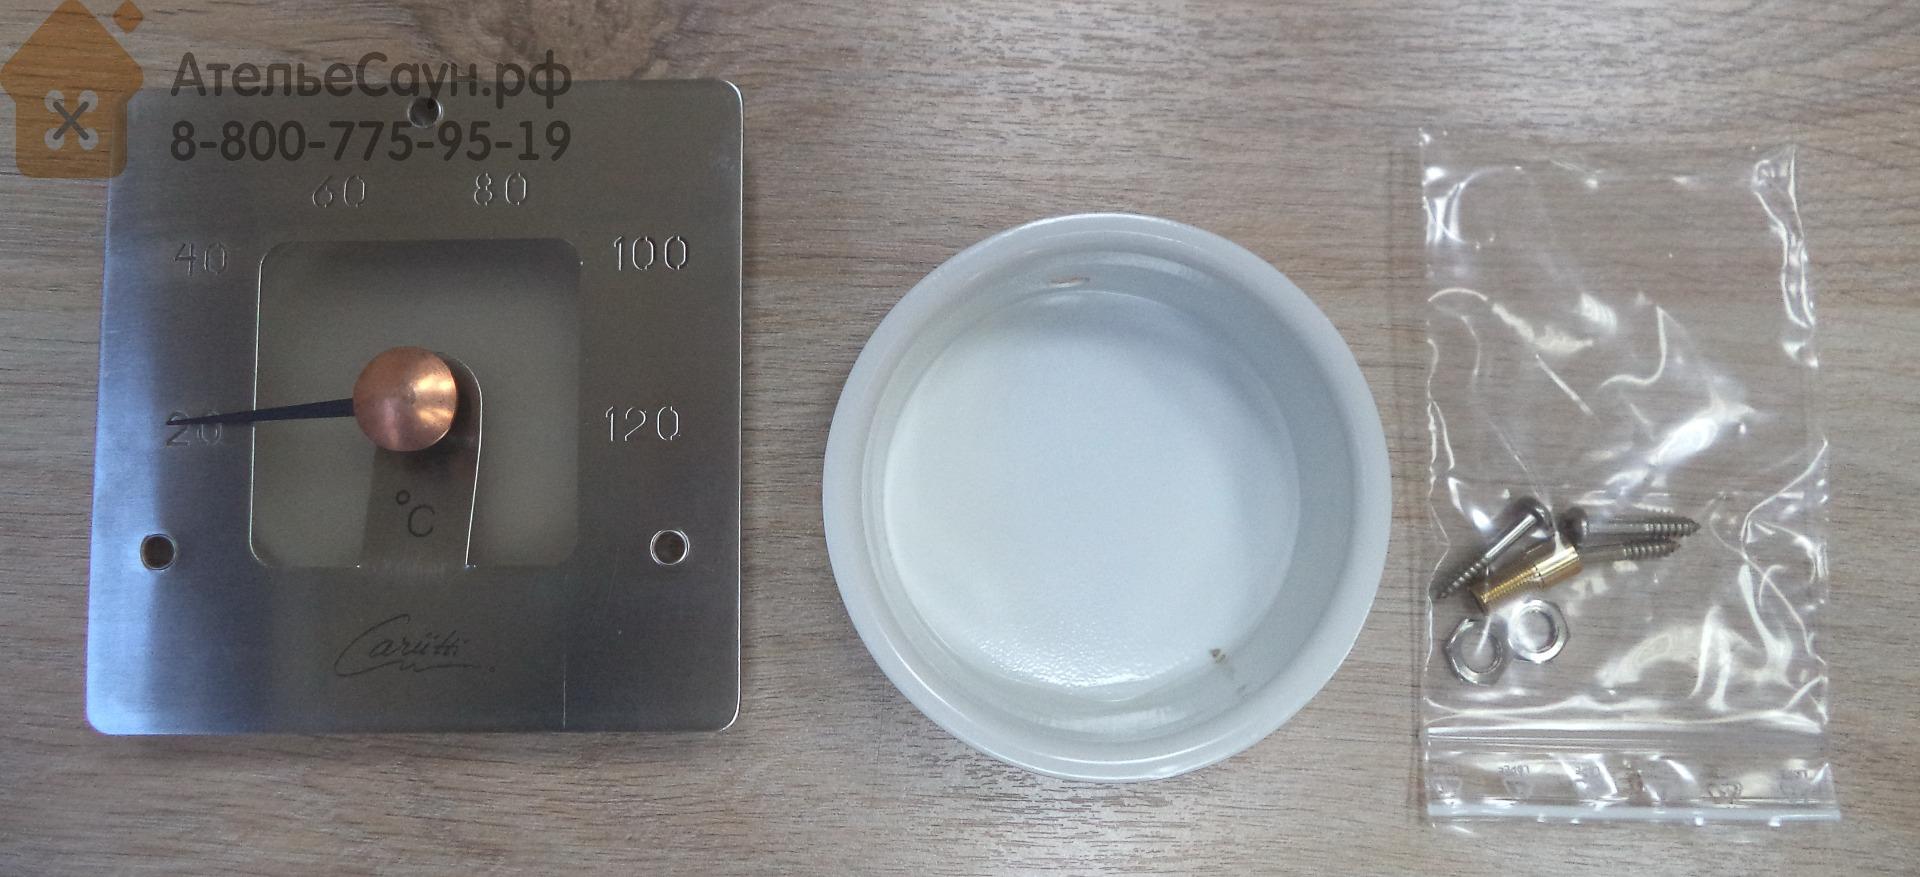 Термометр для сауны Cariitti SQ (1545828, нерж. сталь, требуется 1 оптоволокно D=2-4 мм)